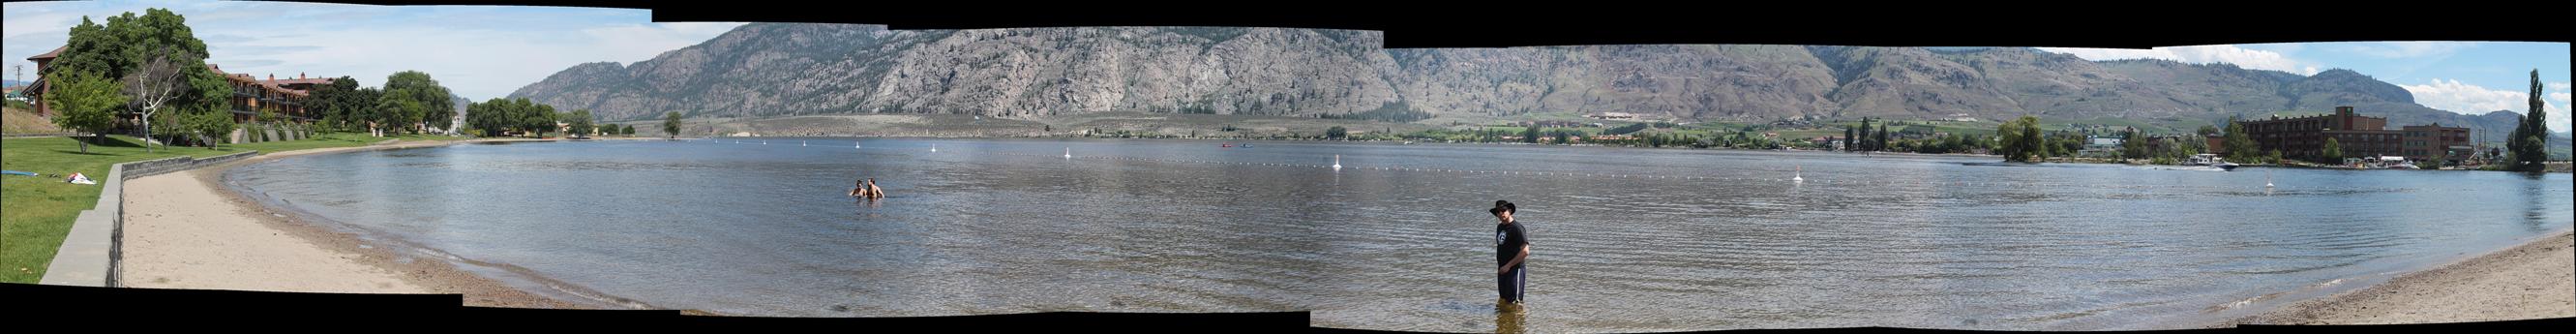 למיטיבי לכת - פנורמה של אגם אוסויוס. על מנת לראות בגודל נורמלי, לחצו על התמונה.